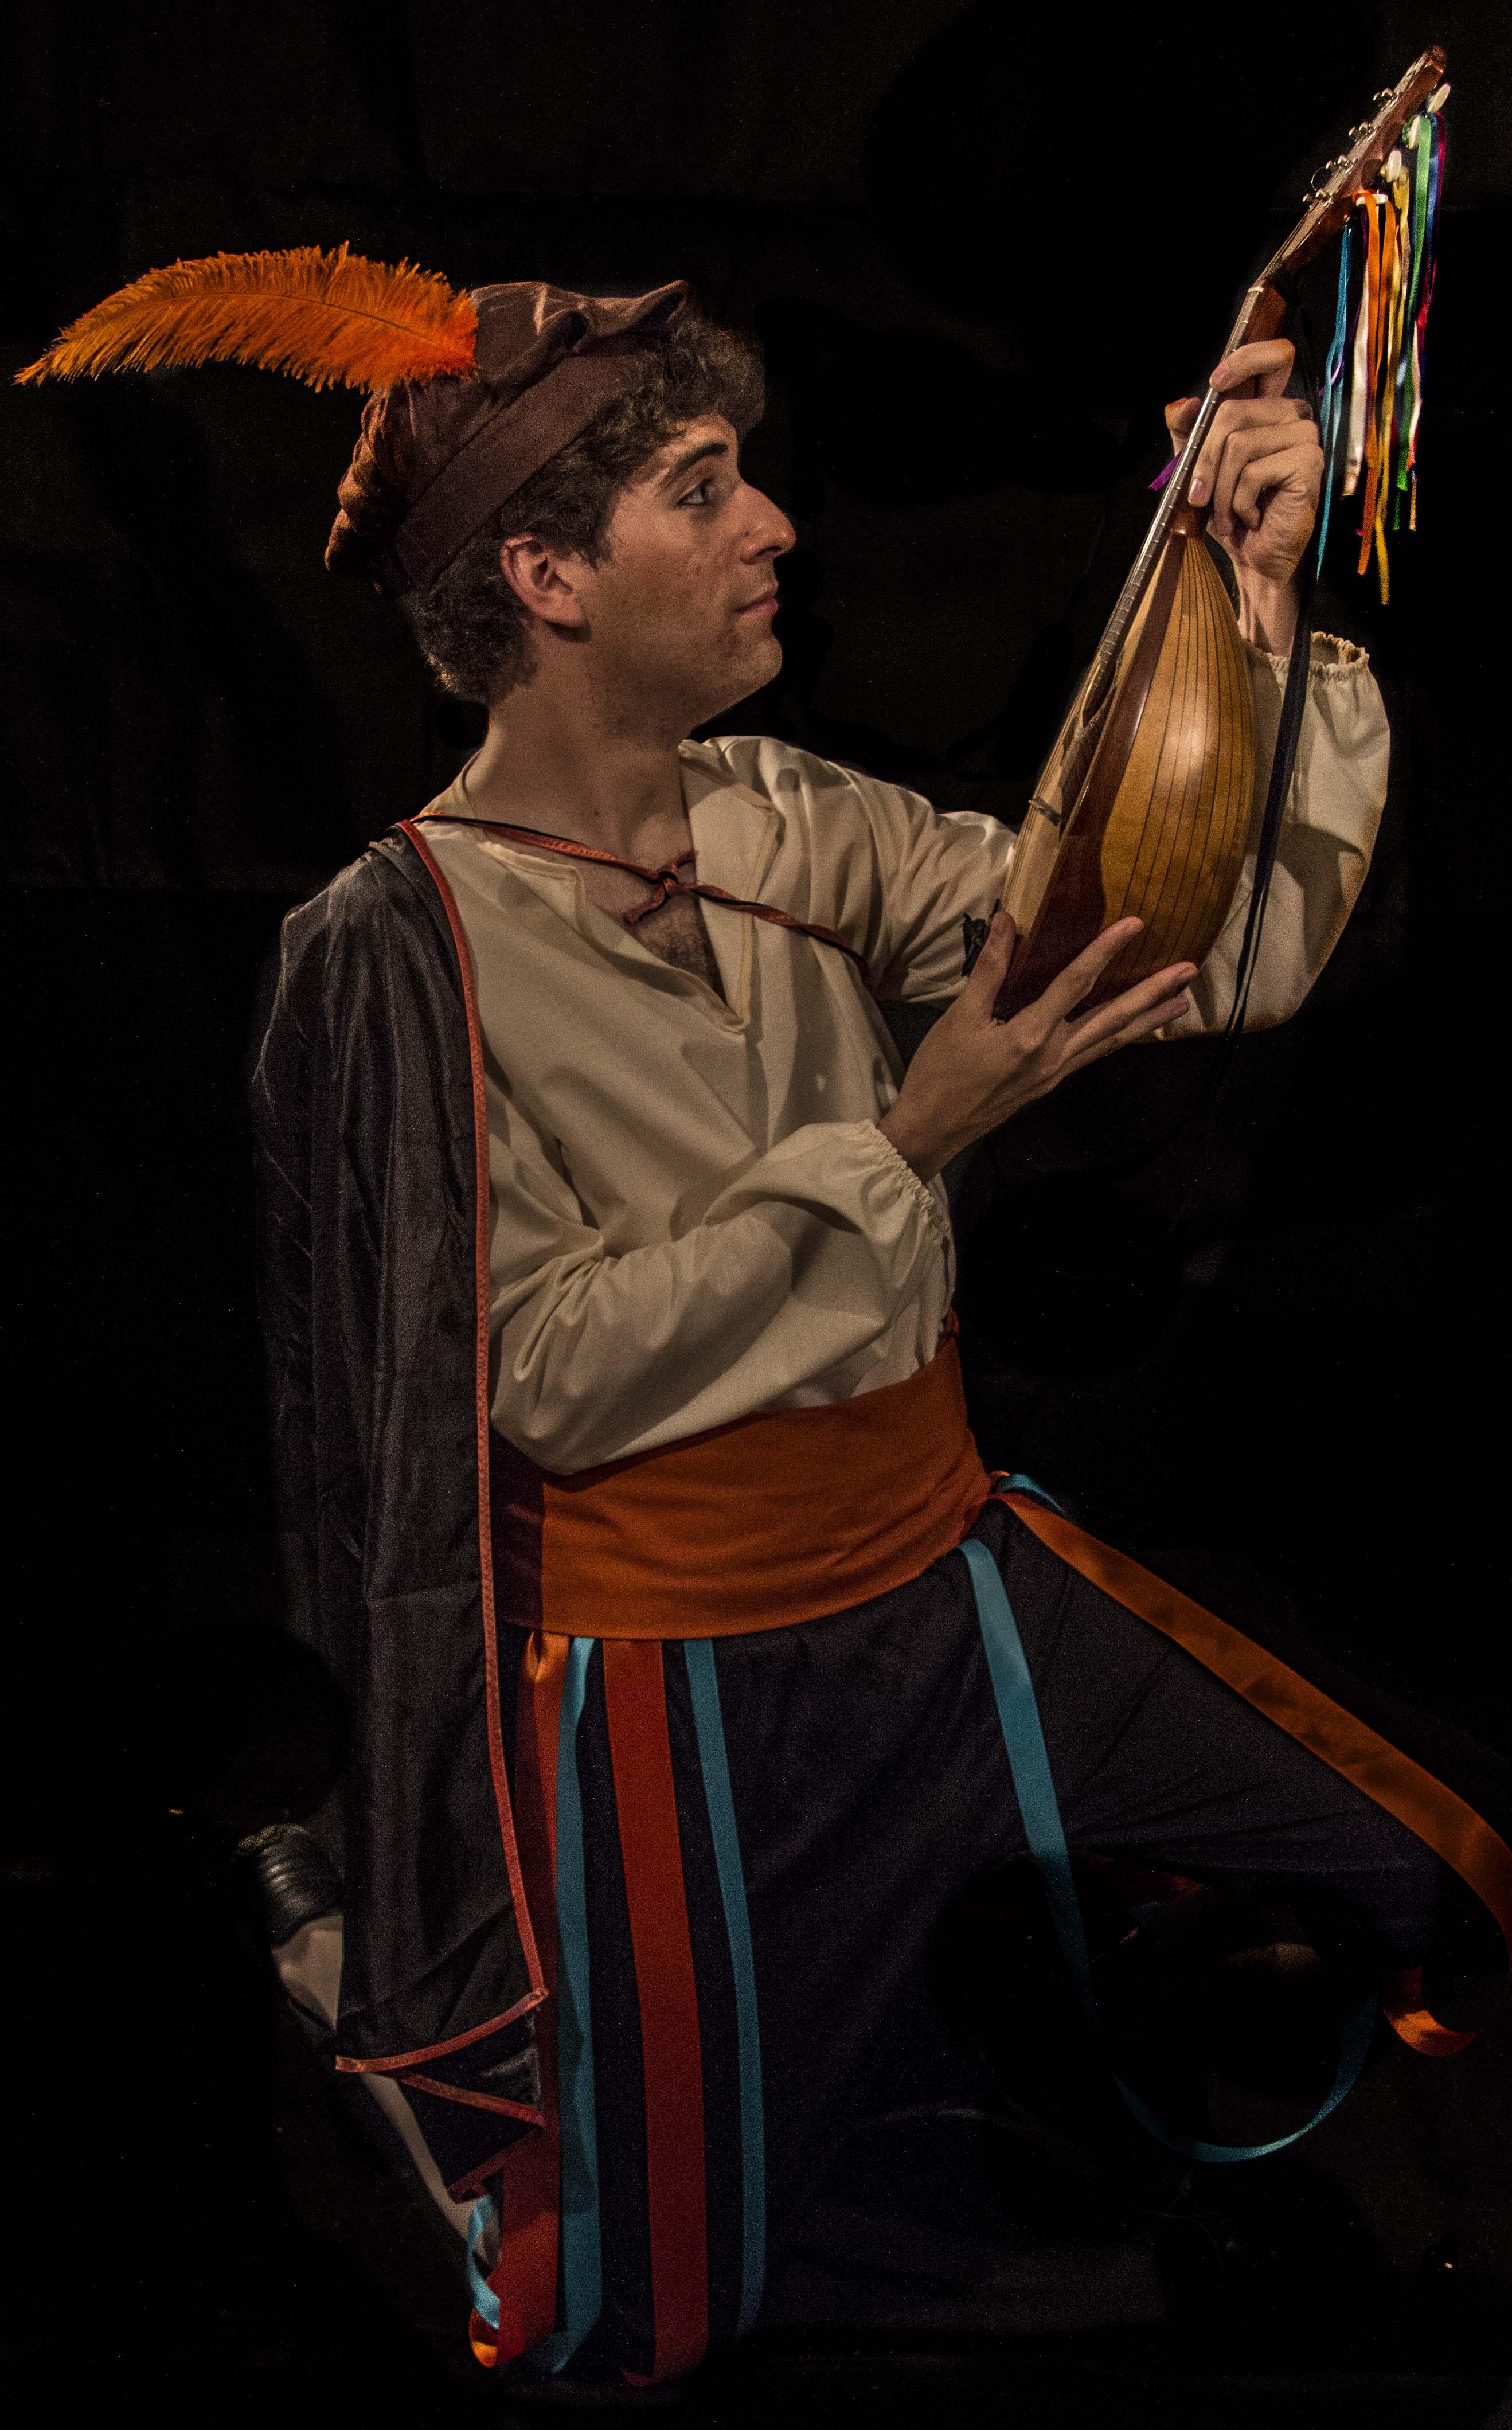 ARTEMIS_con su instrumento